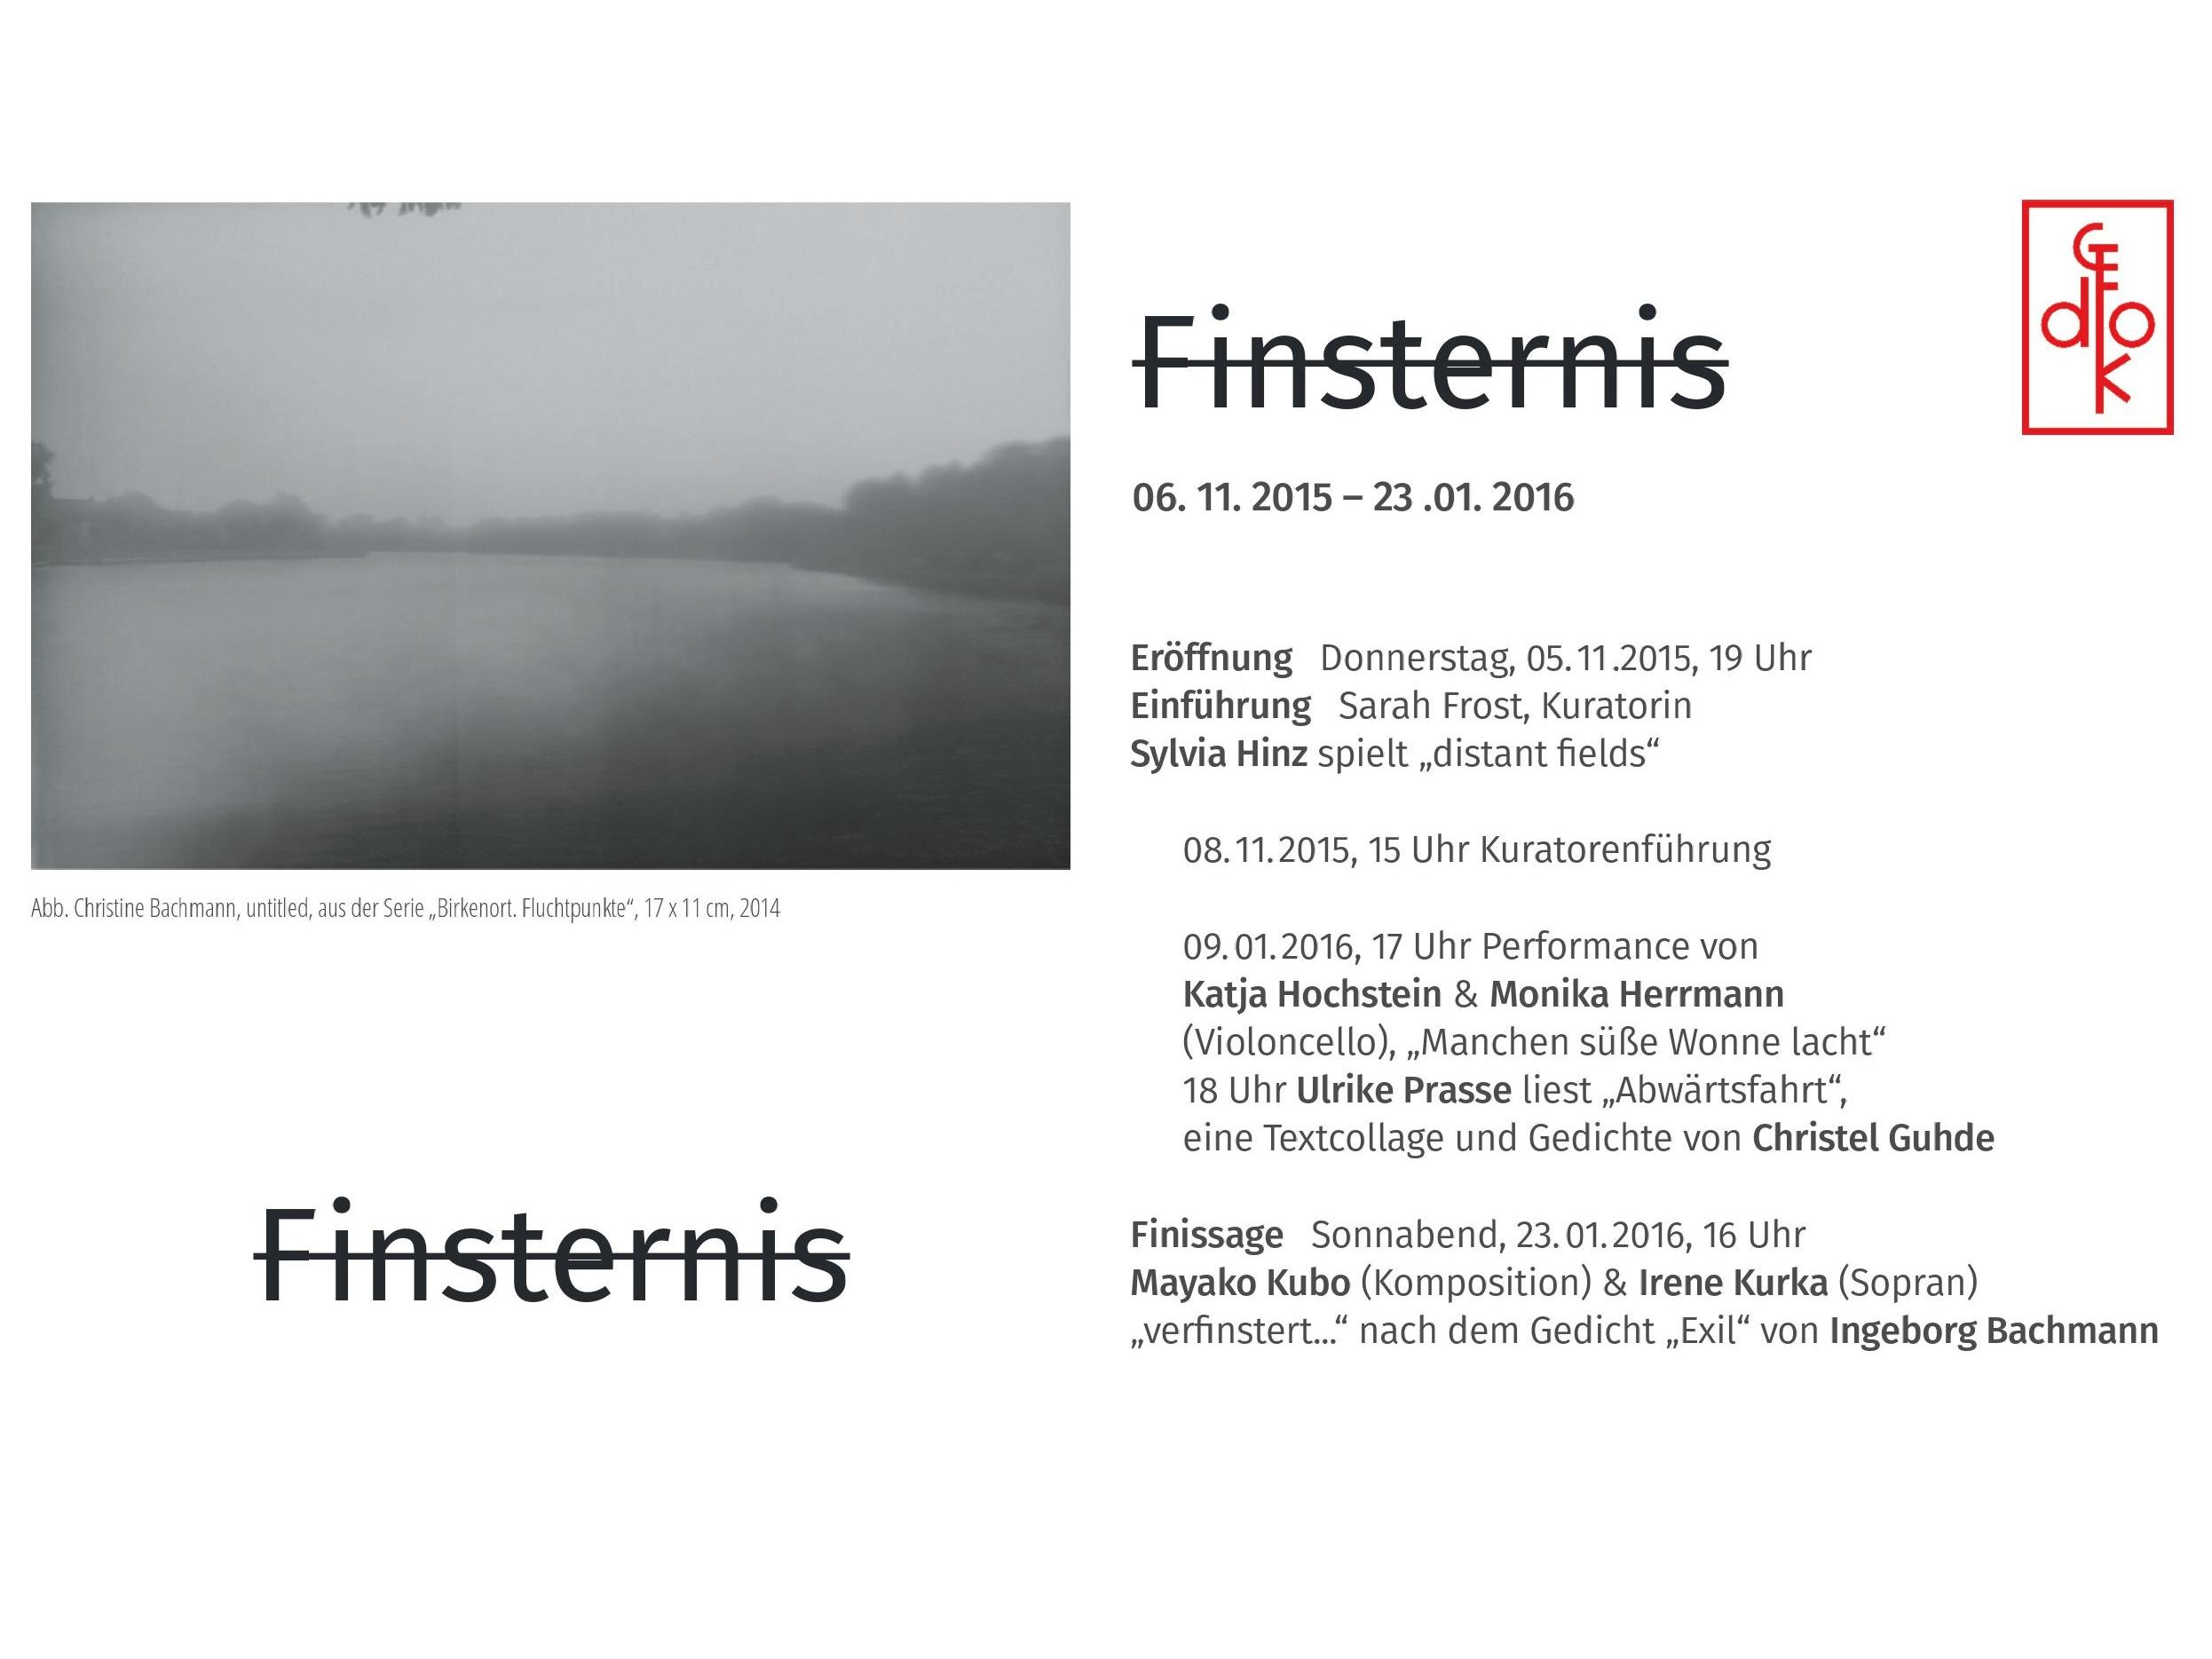 Finsternis – GEDOK Galerie Berlin